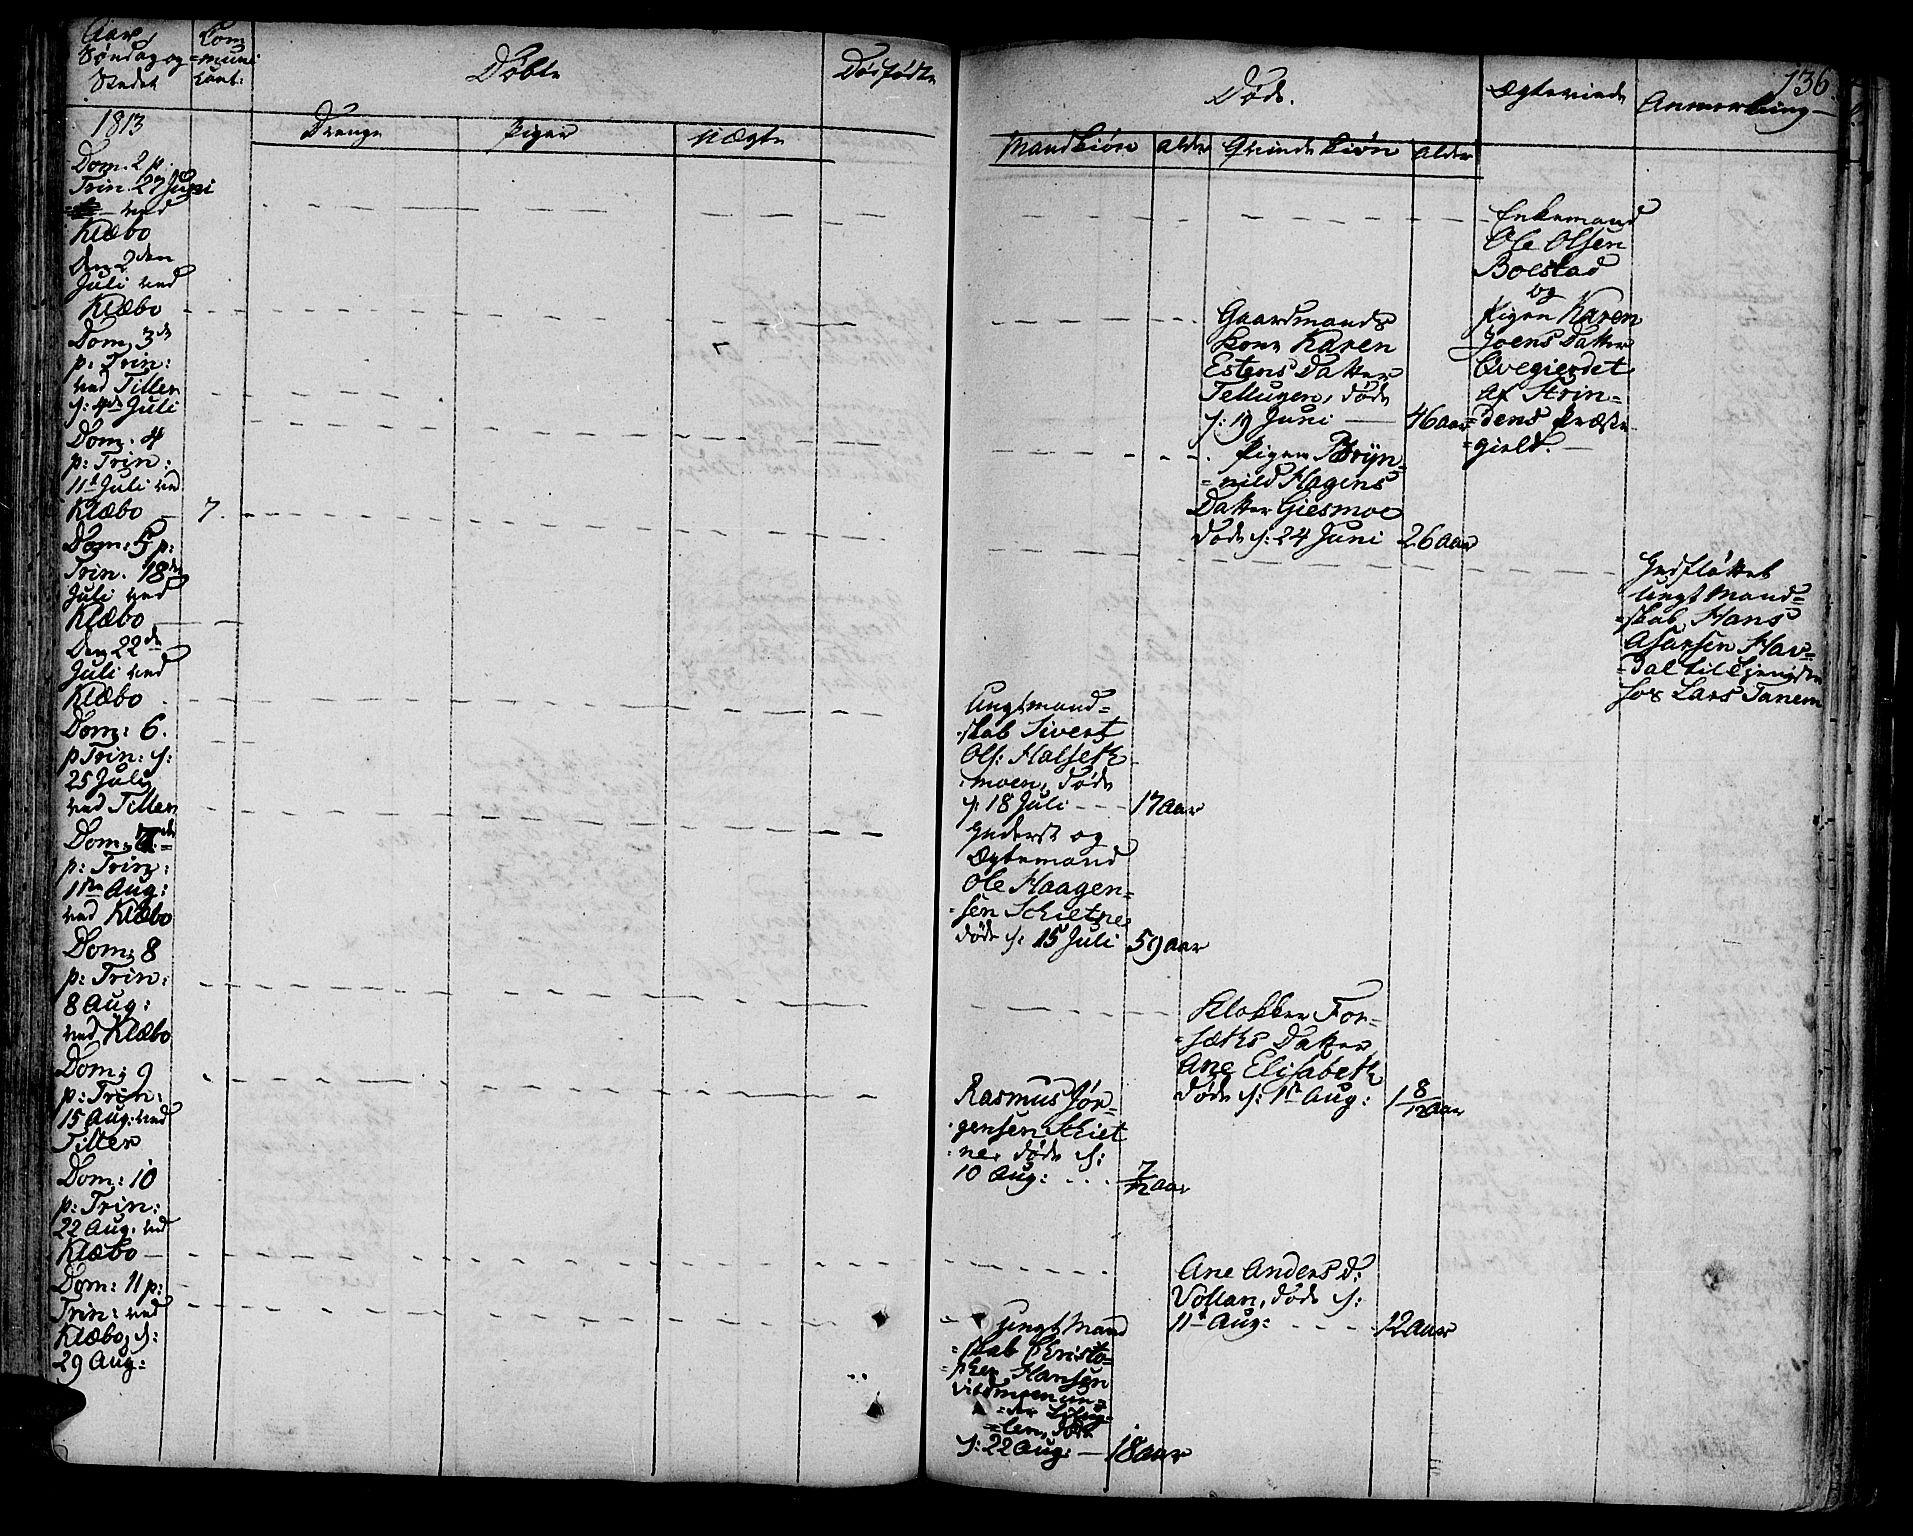 SAT, Ministerialprotokoller, klokkerbøker og fødselsregistre - Sør-Trøndelag, 618/L0438: Ministerialbok nr. 618A03, 1783-1815, s. 136